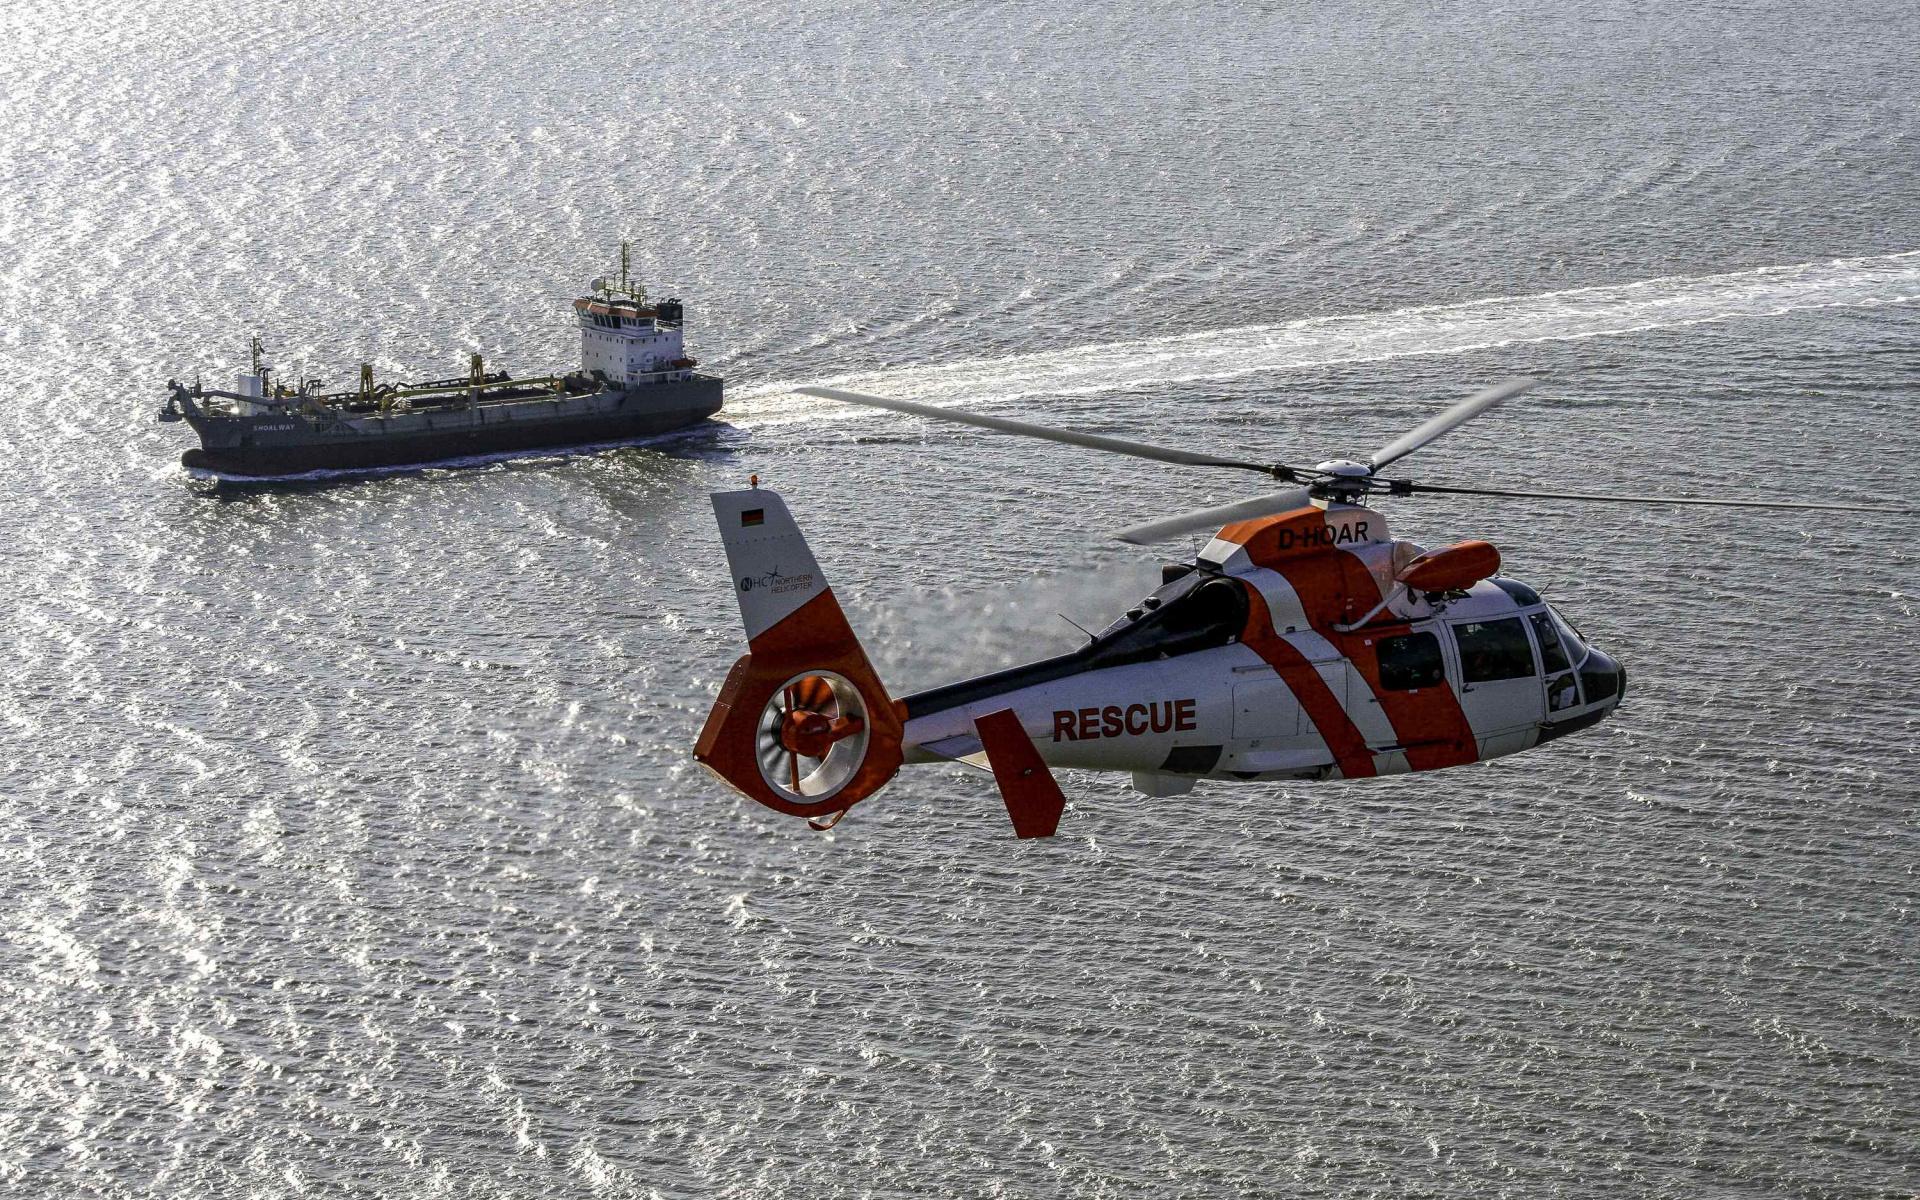 Eine starke Gemeinschaft im Einsatz für eine optimale medizinische Versorgung im Bereich der Nord- und Ostsee: DRF Luftrettung und Northern HeliCopter.